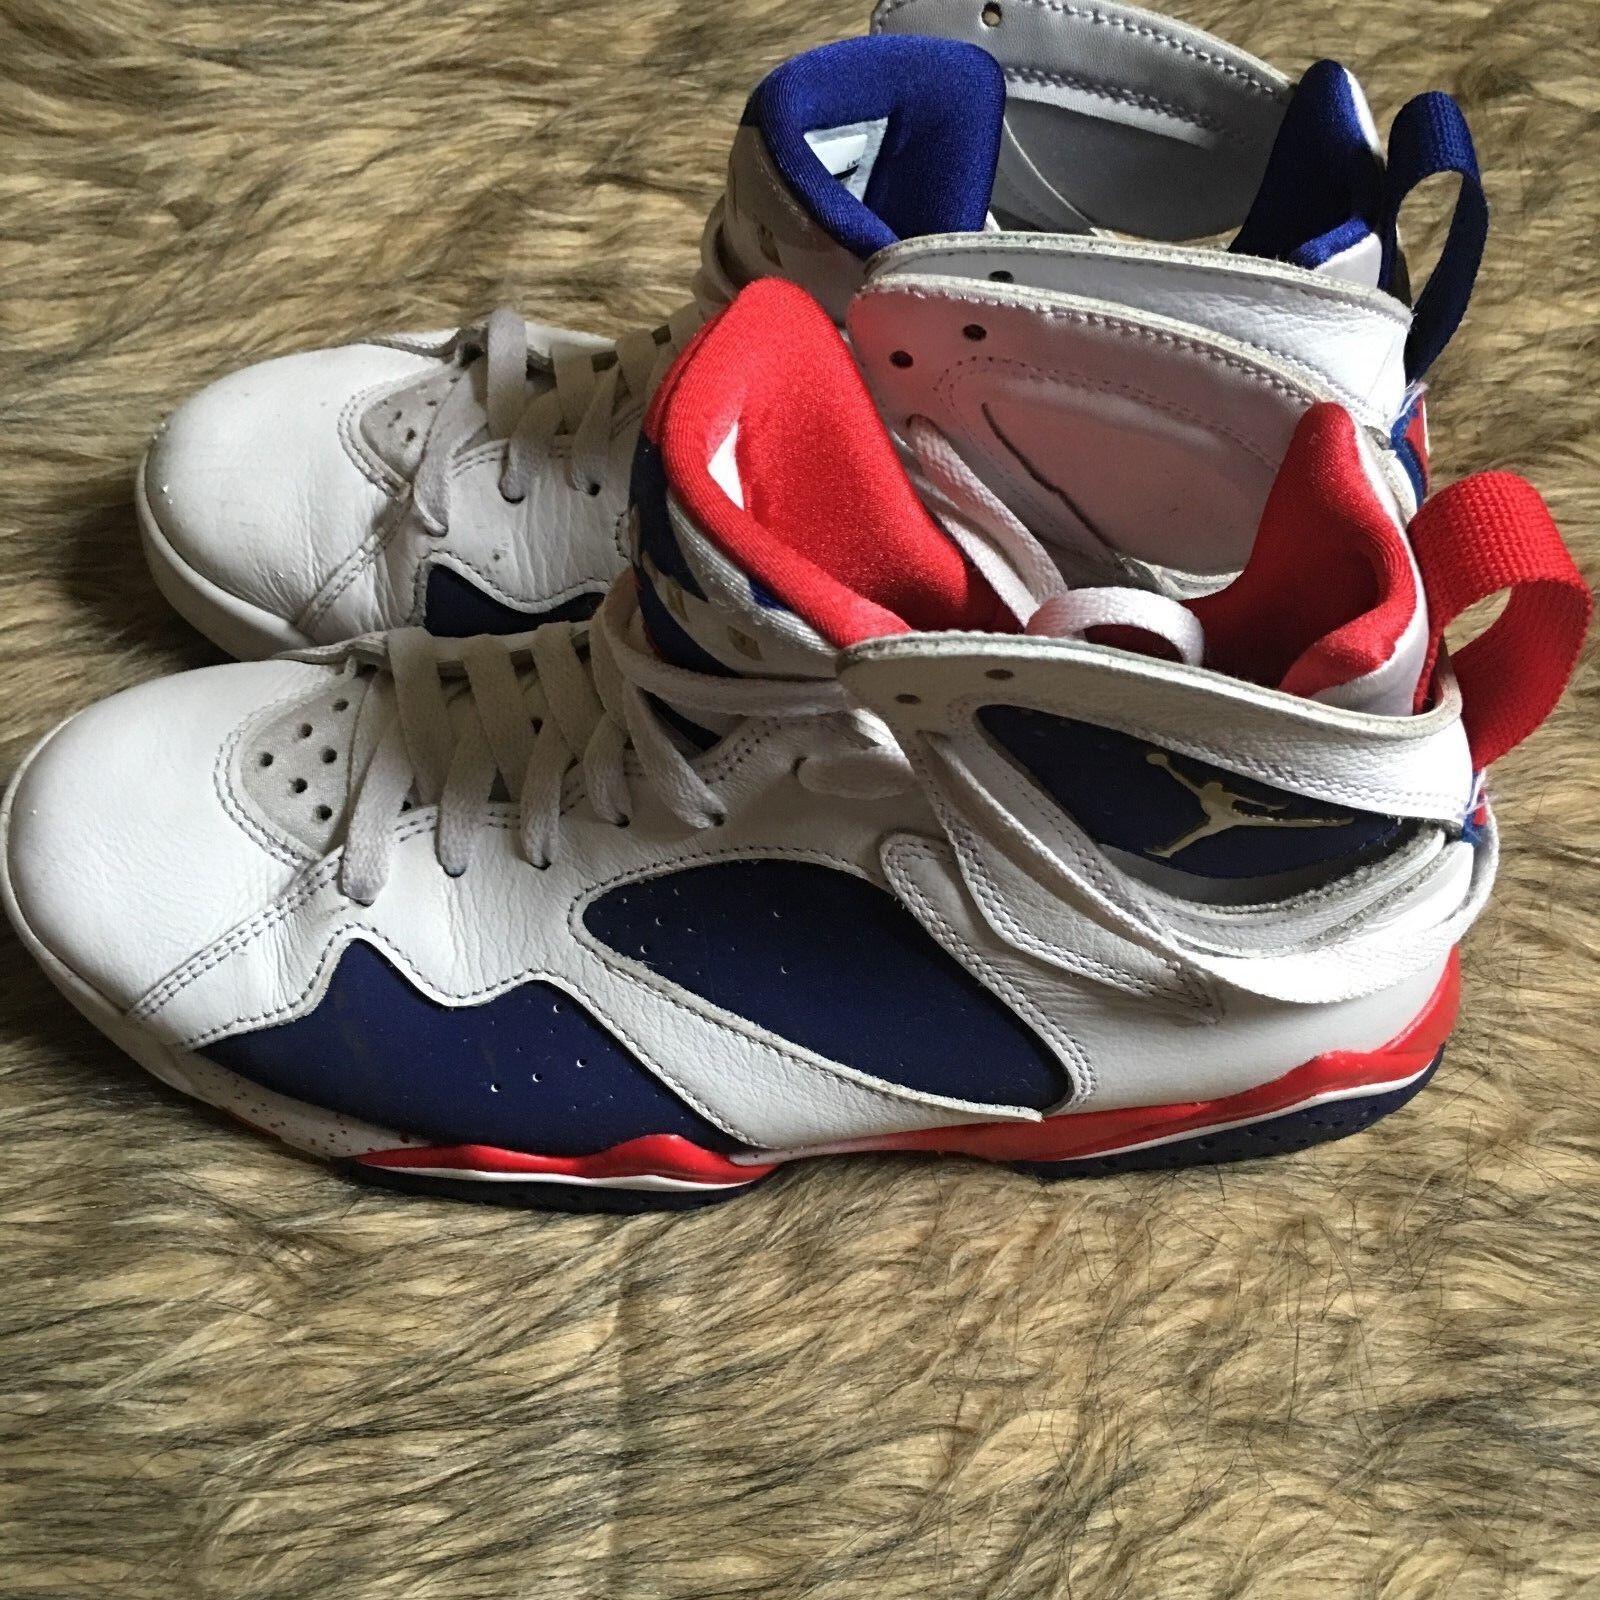 554d045f6ba8 Men s Nike Air Jordan 7 Retro Retro Retro USA Olympic Alternate Tinker  304775-123 Size